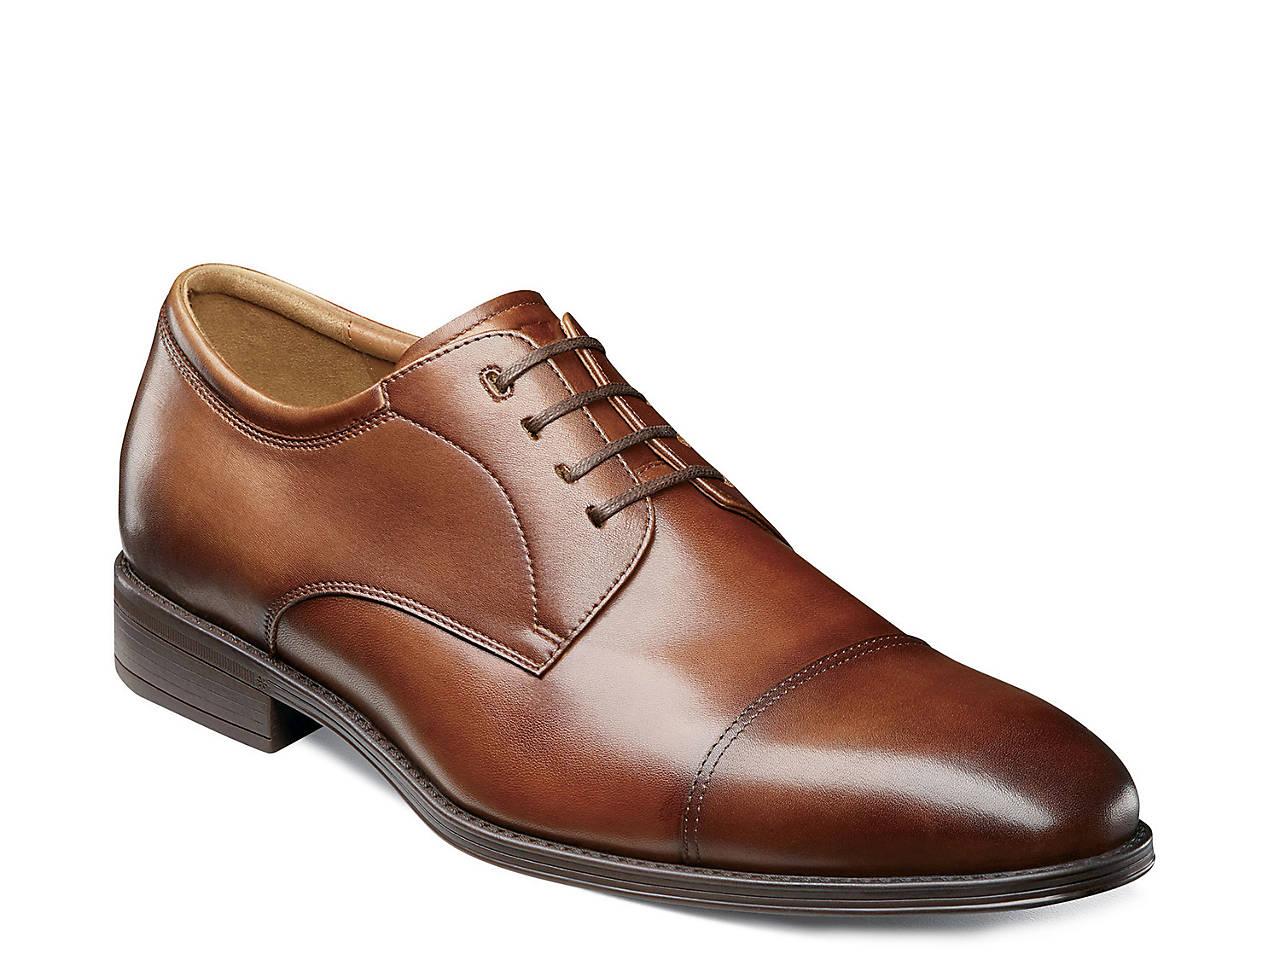 3c86d2ea90e7 Florsheim Amelio Cap Toe Oxford Men s Shoes